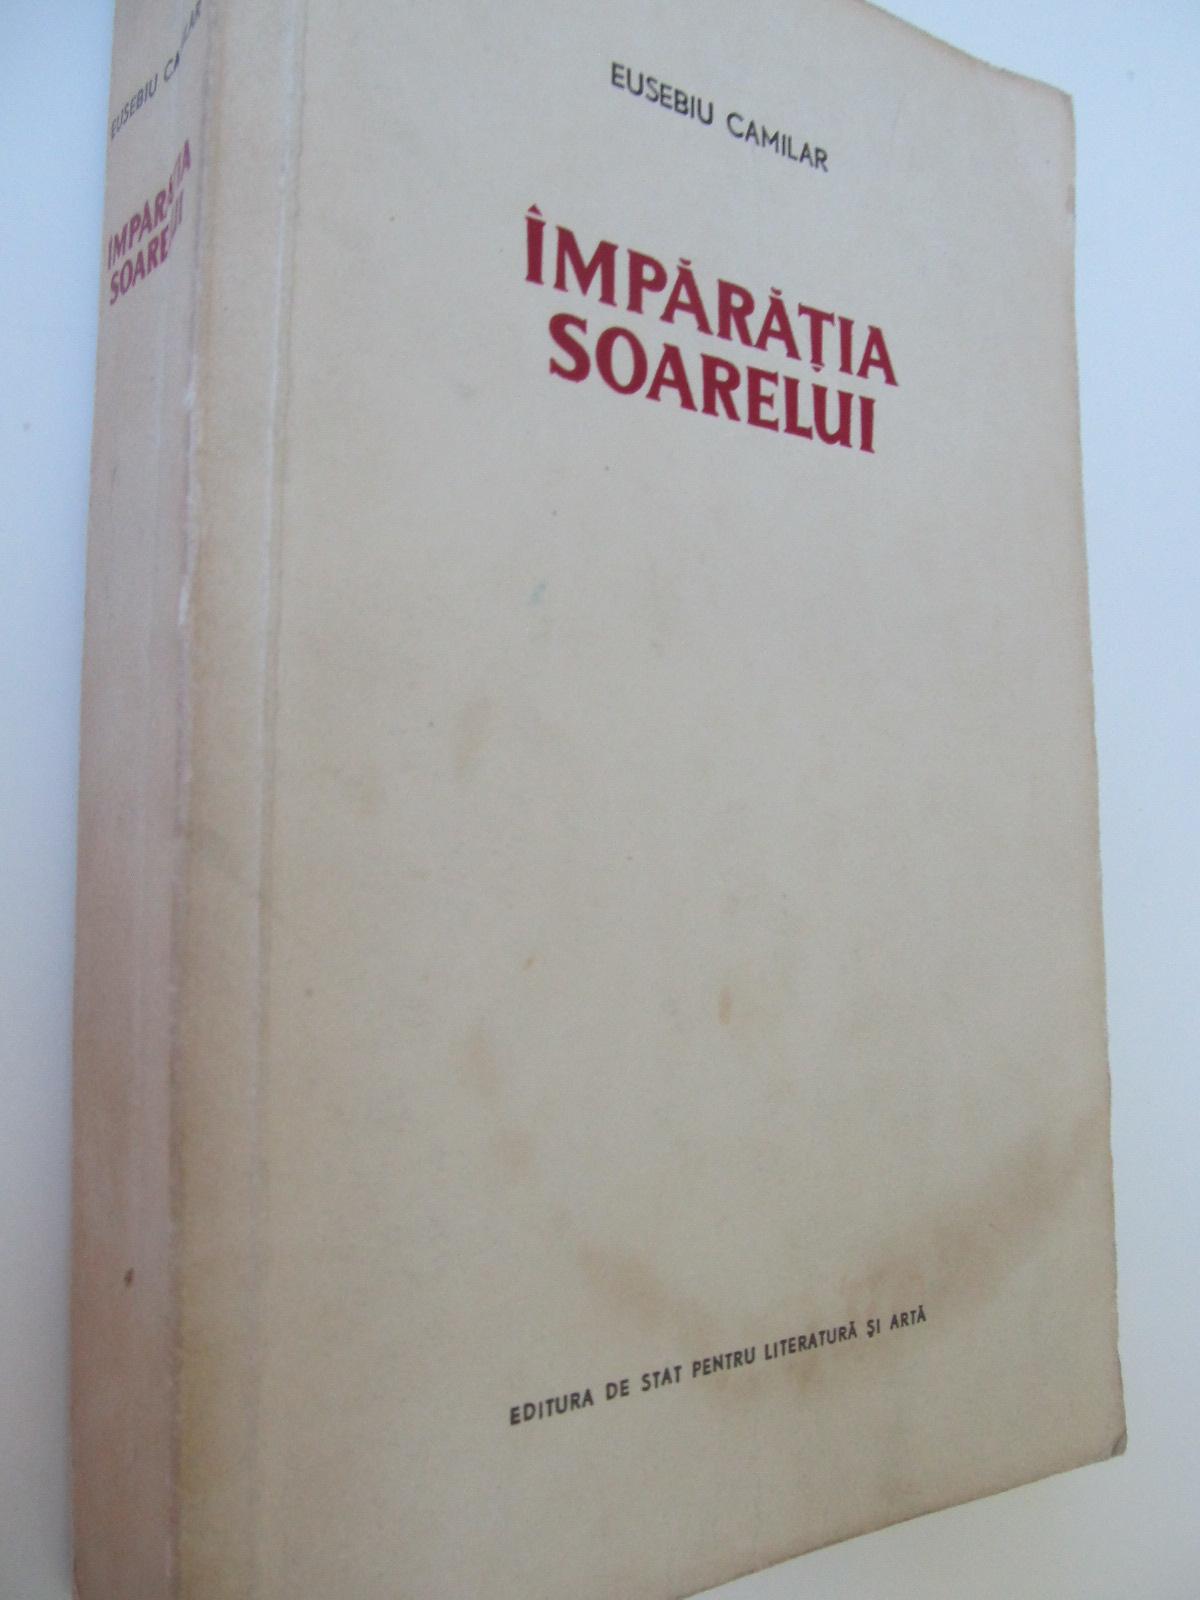 Imparatia soarelui , 1955 (editie princeps) - Eusebiu Camilar | Detalii carte